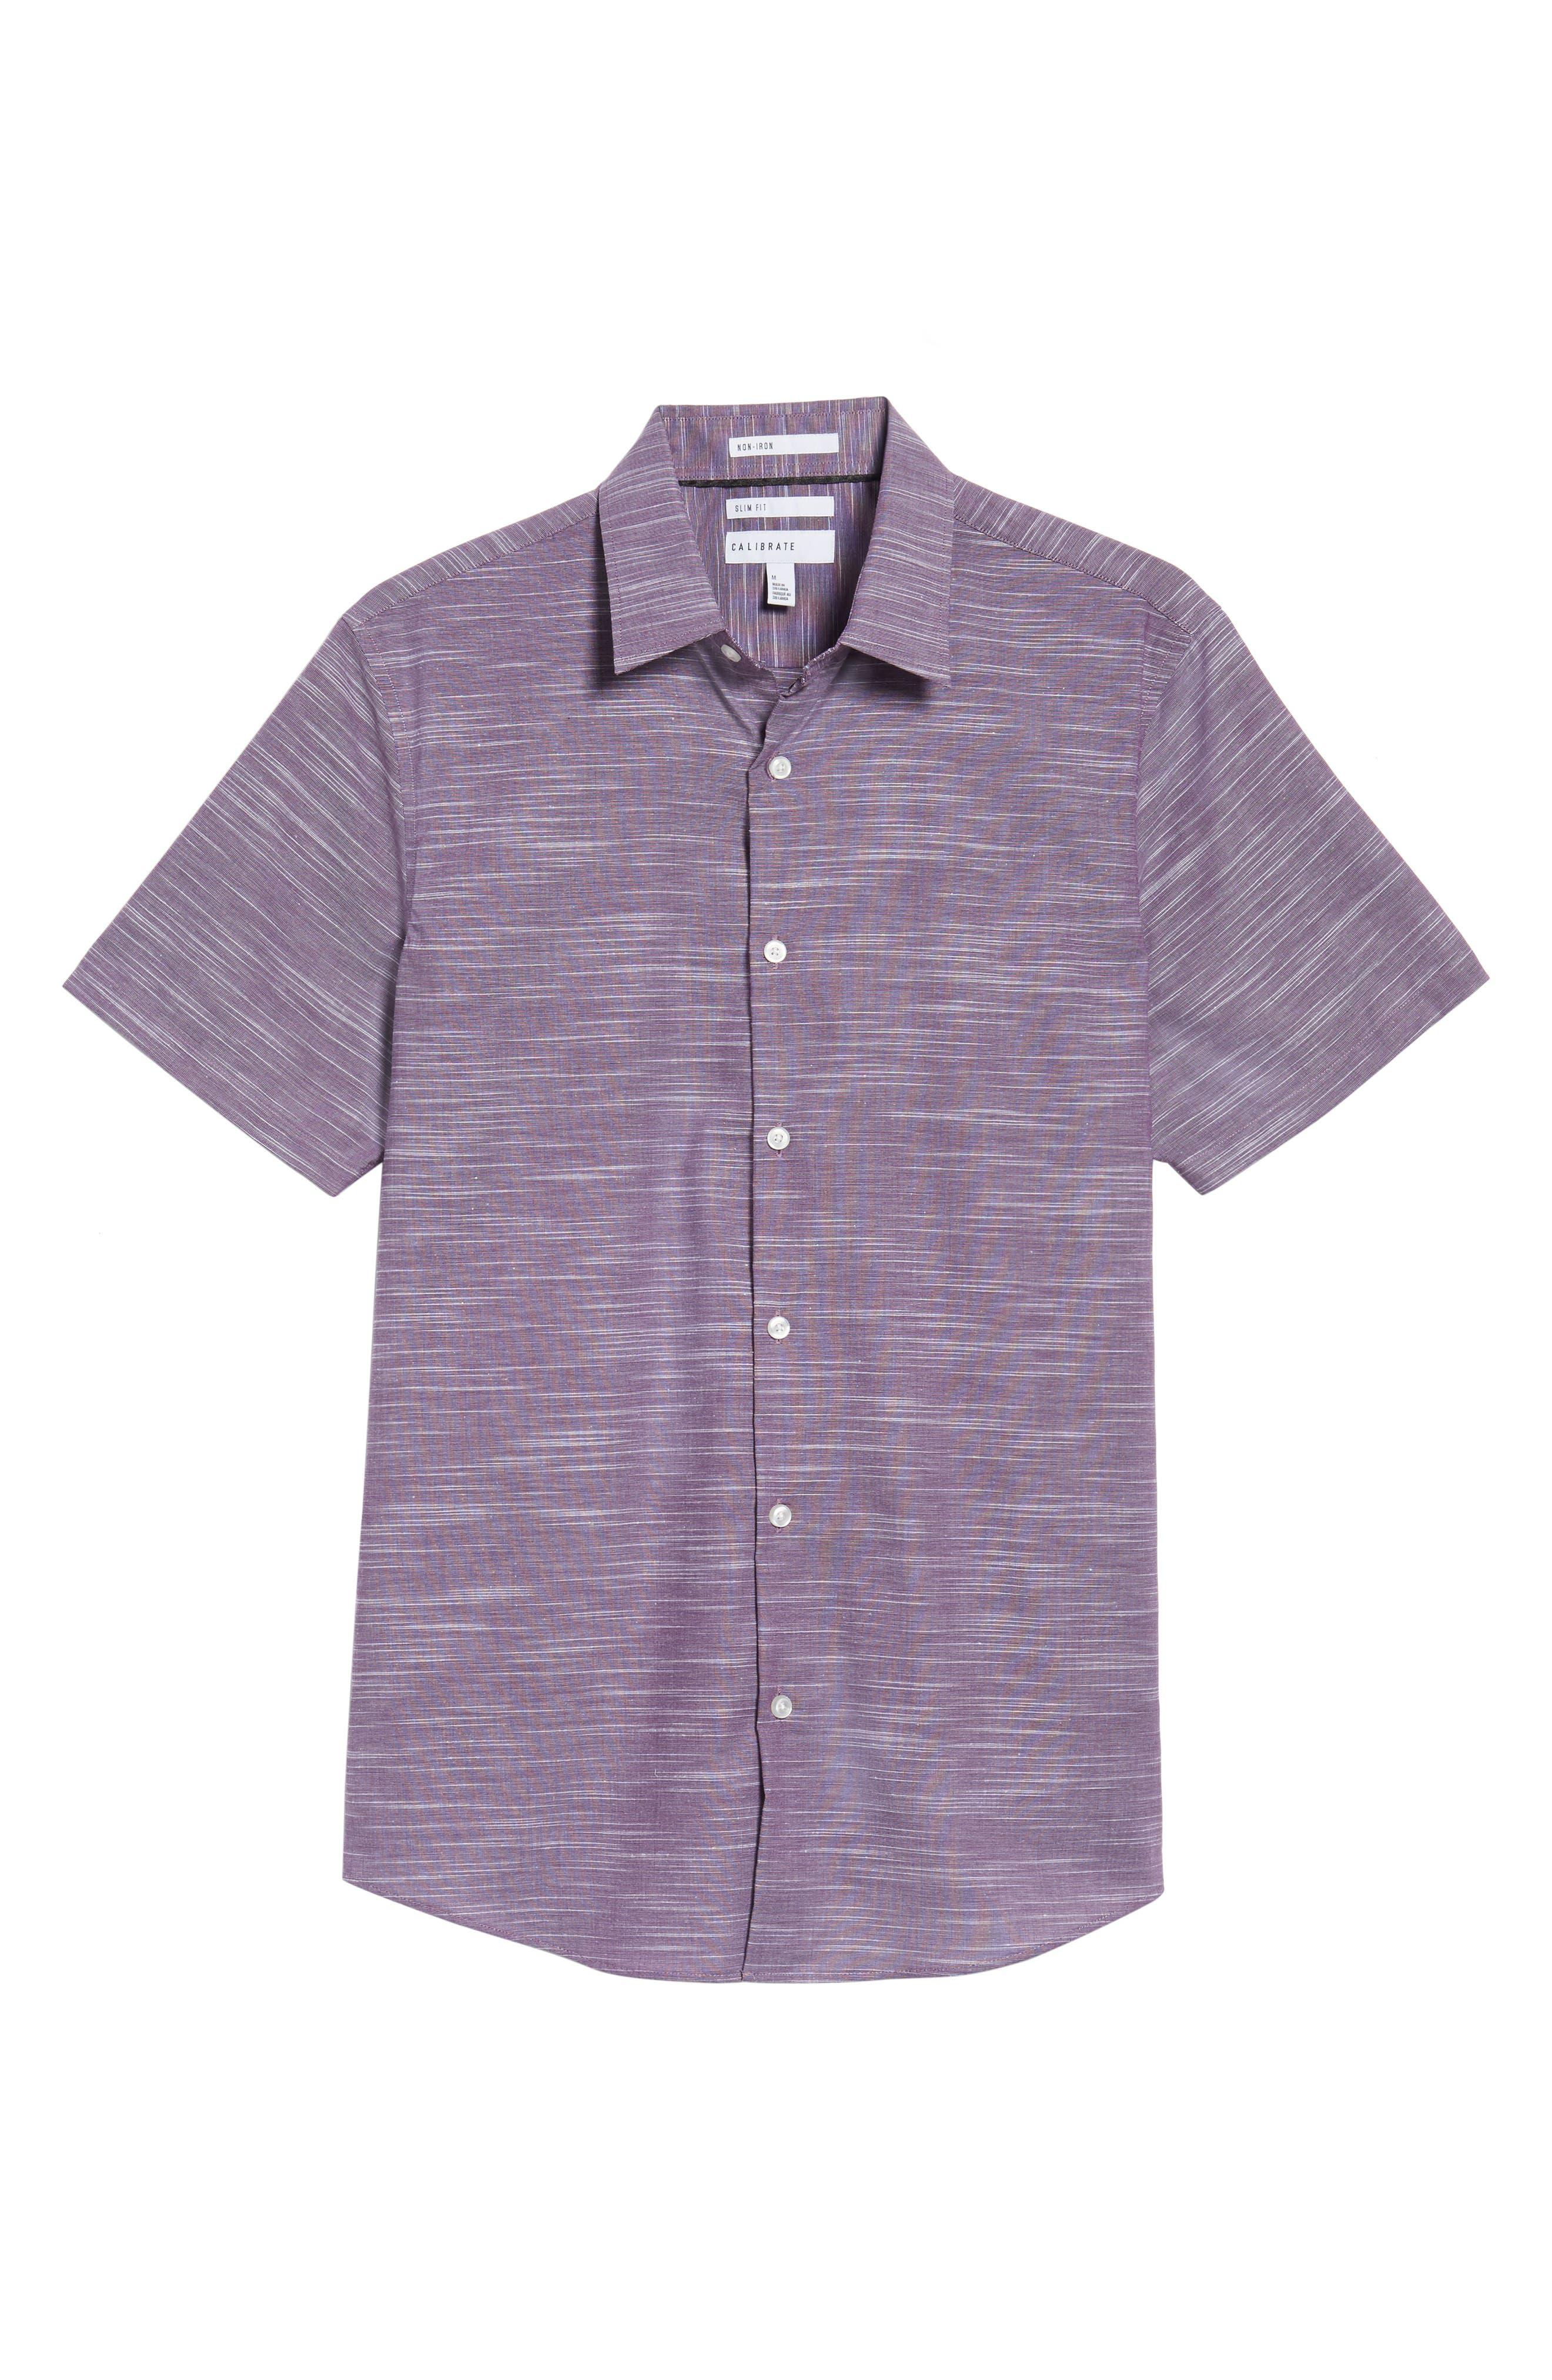 Calilbrate Slim Fit Slub Woven Shirt,                             Alternate thumbnail 18, color,